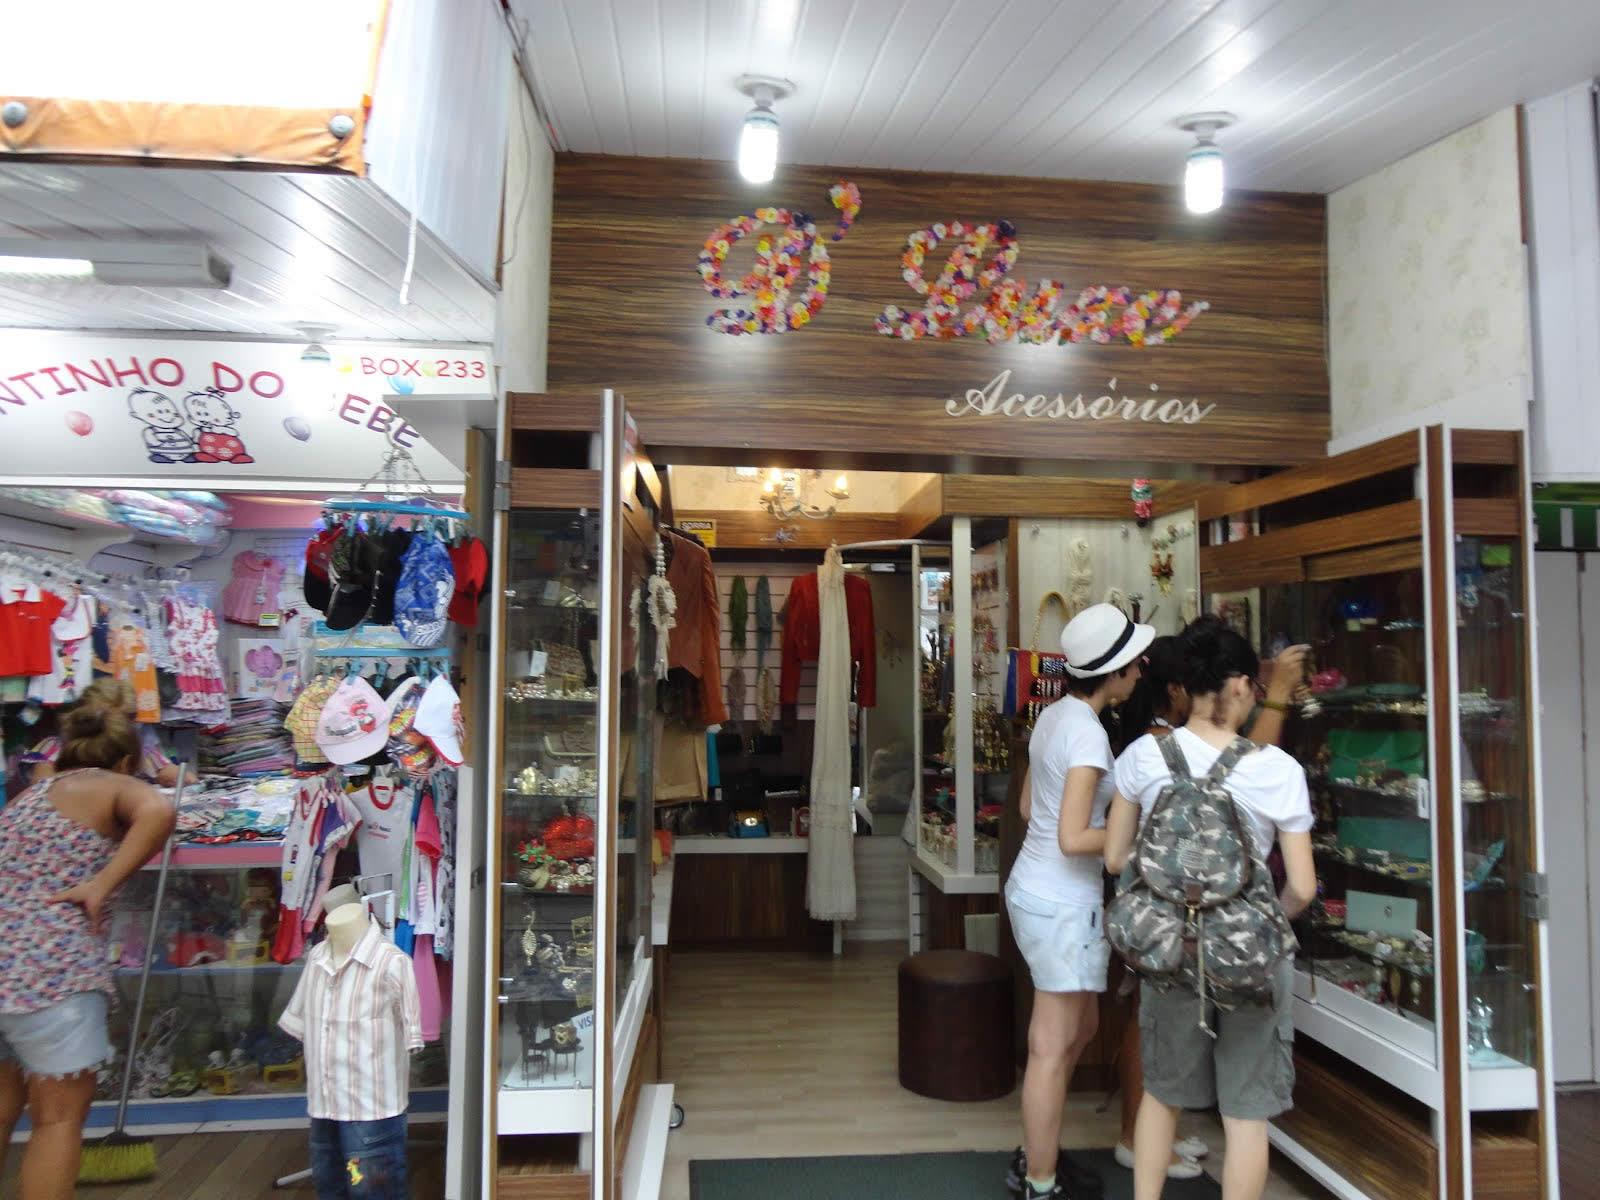 d017da0c7 Blog | Casa do Turista | Turismo em Santa Catarina | Beto Carrero